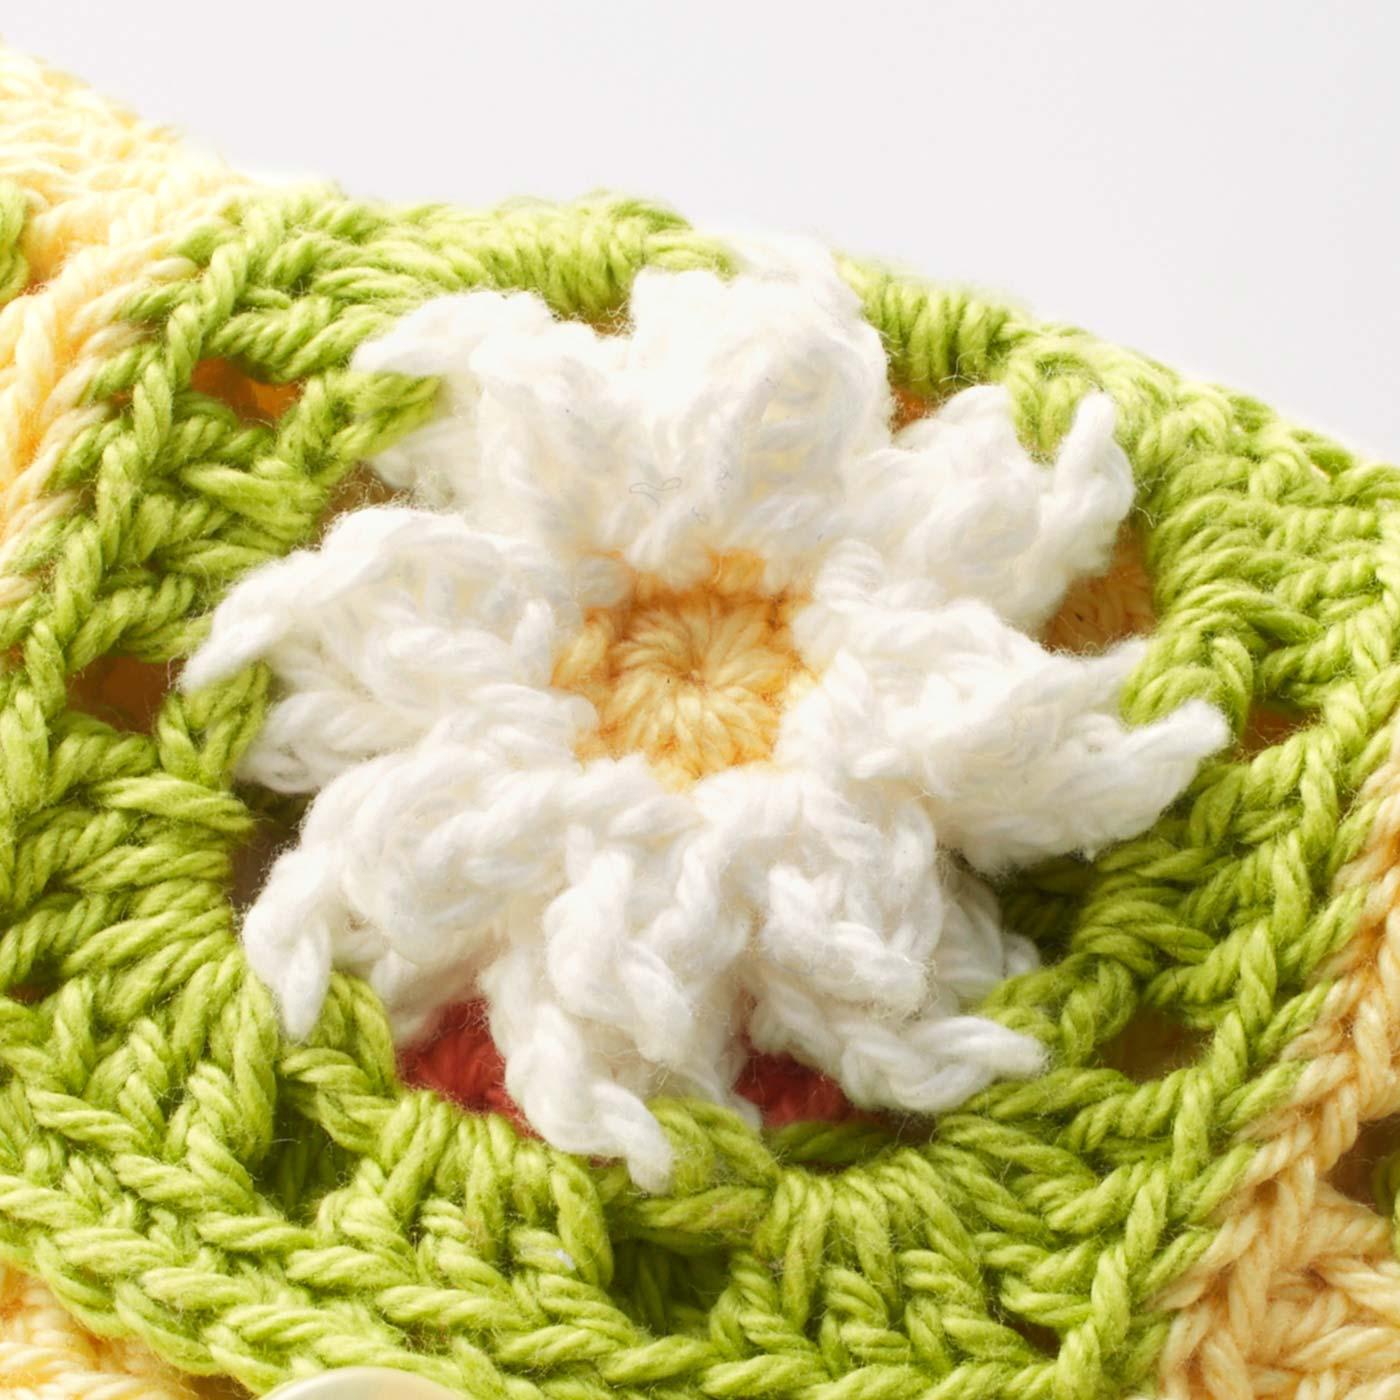 かぎ針編みで、花びらのふっくらとした立体感を表現できます。